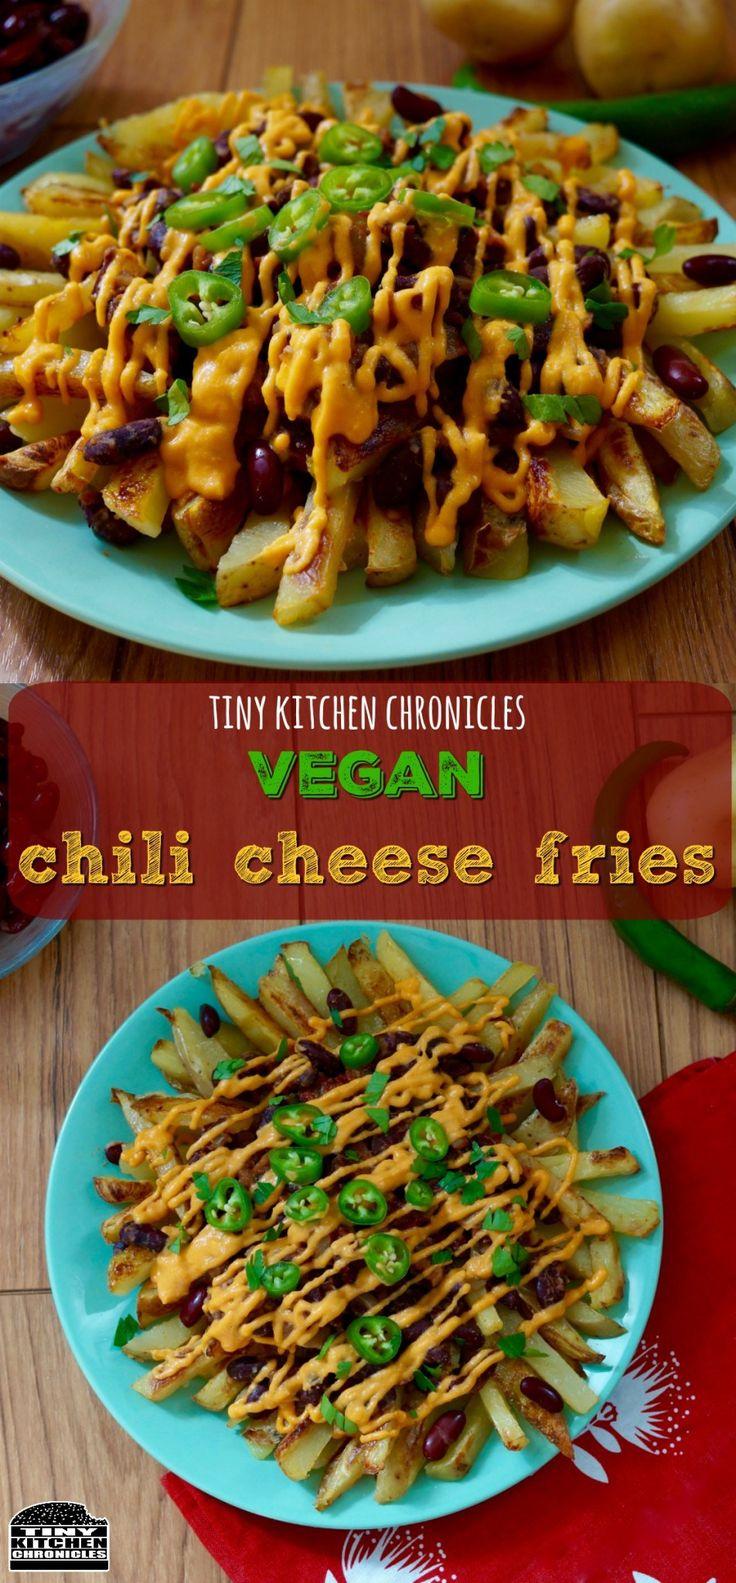 Vegan recipe: Chili cheese fries